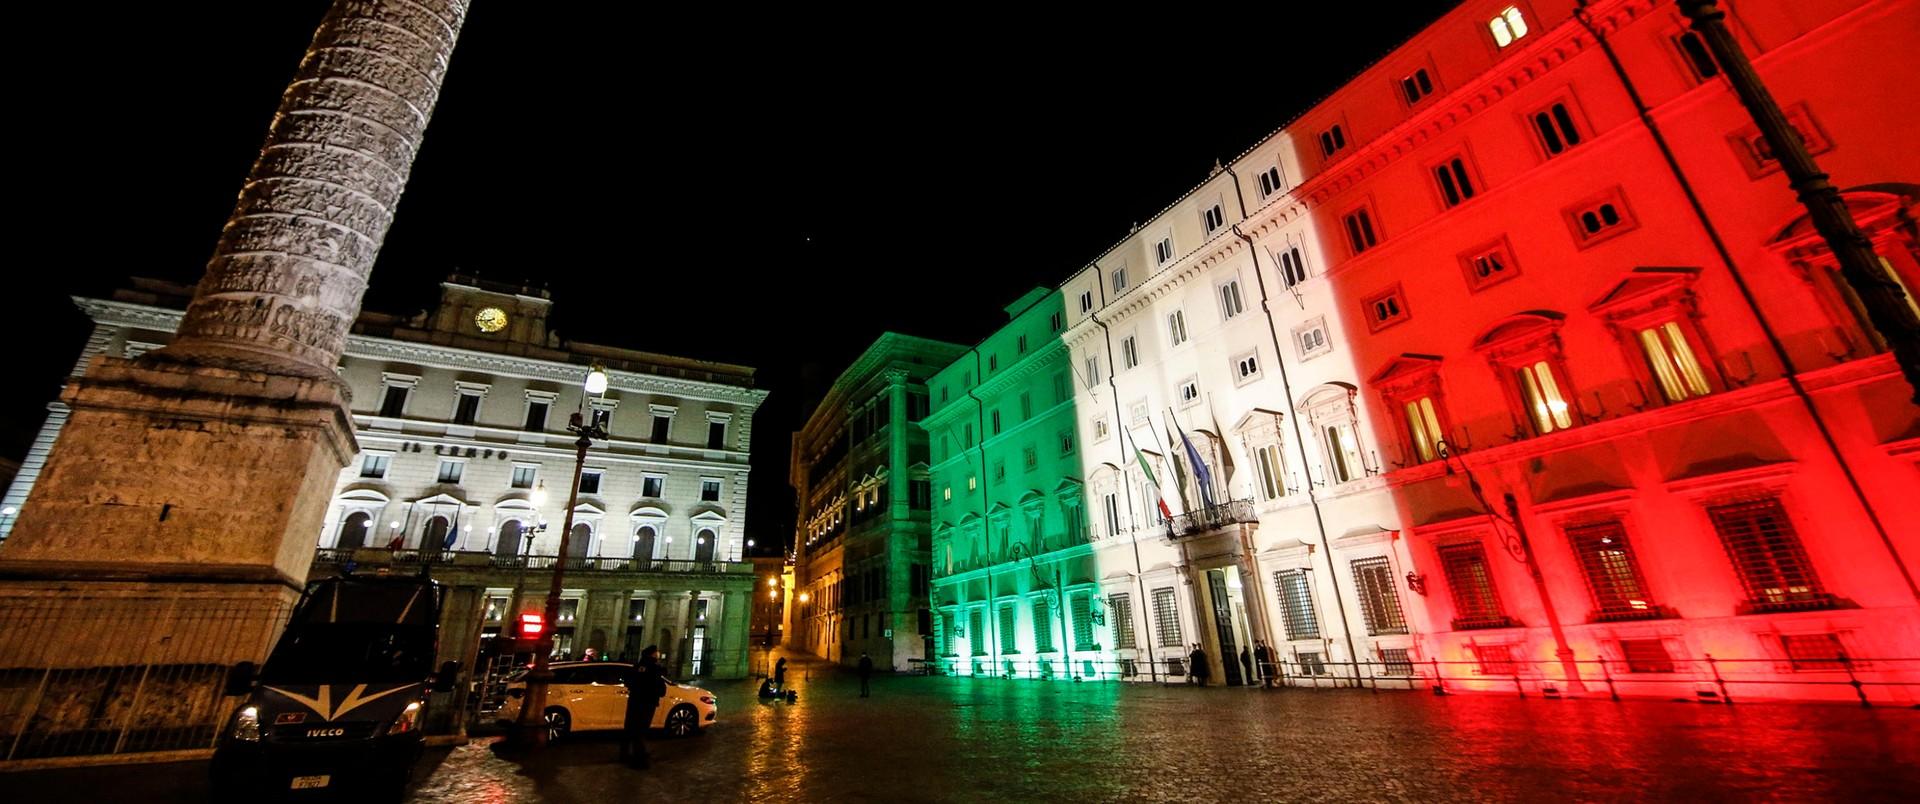 Włoska polityka, czyli chaos i rozczarowanie Europą